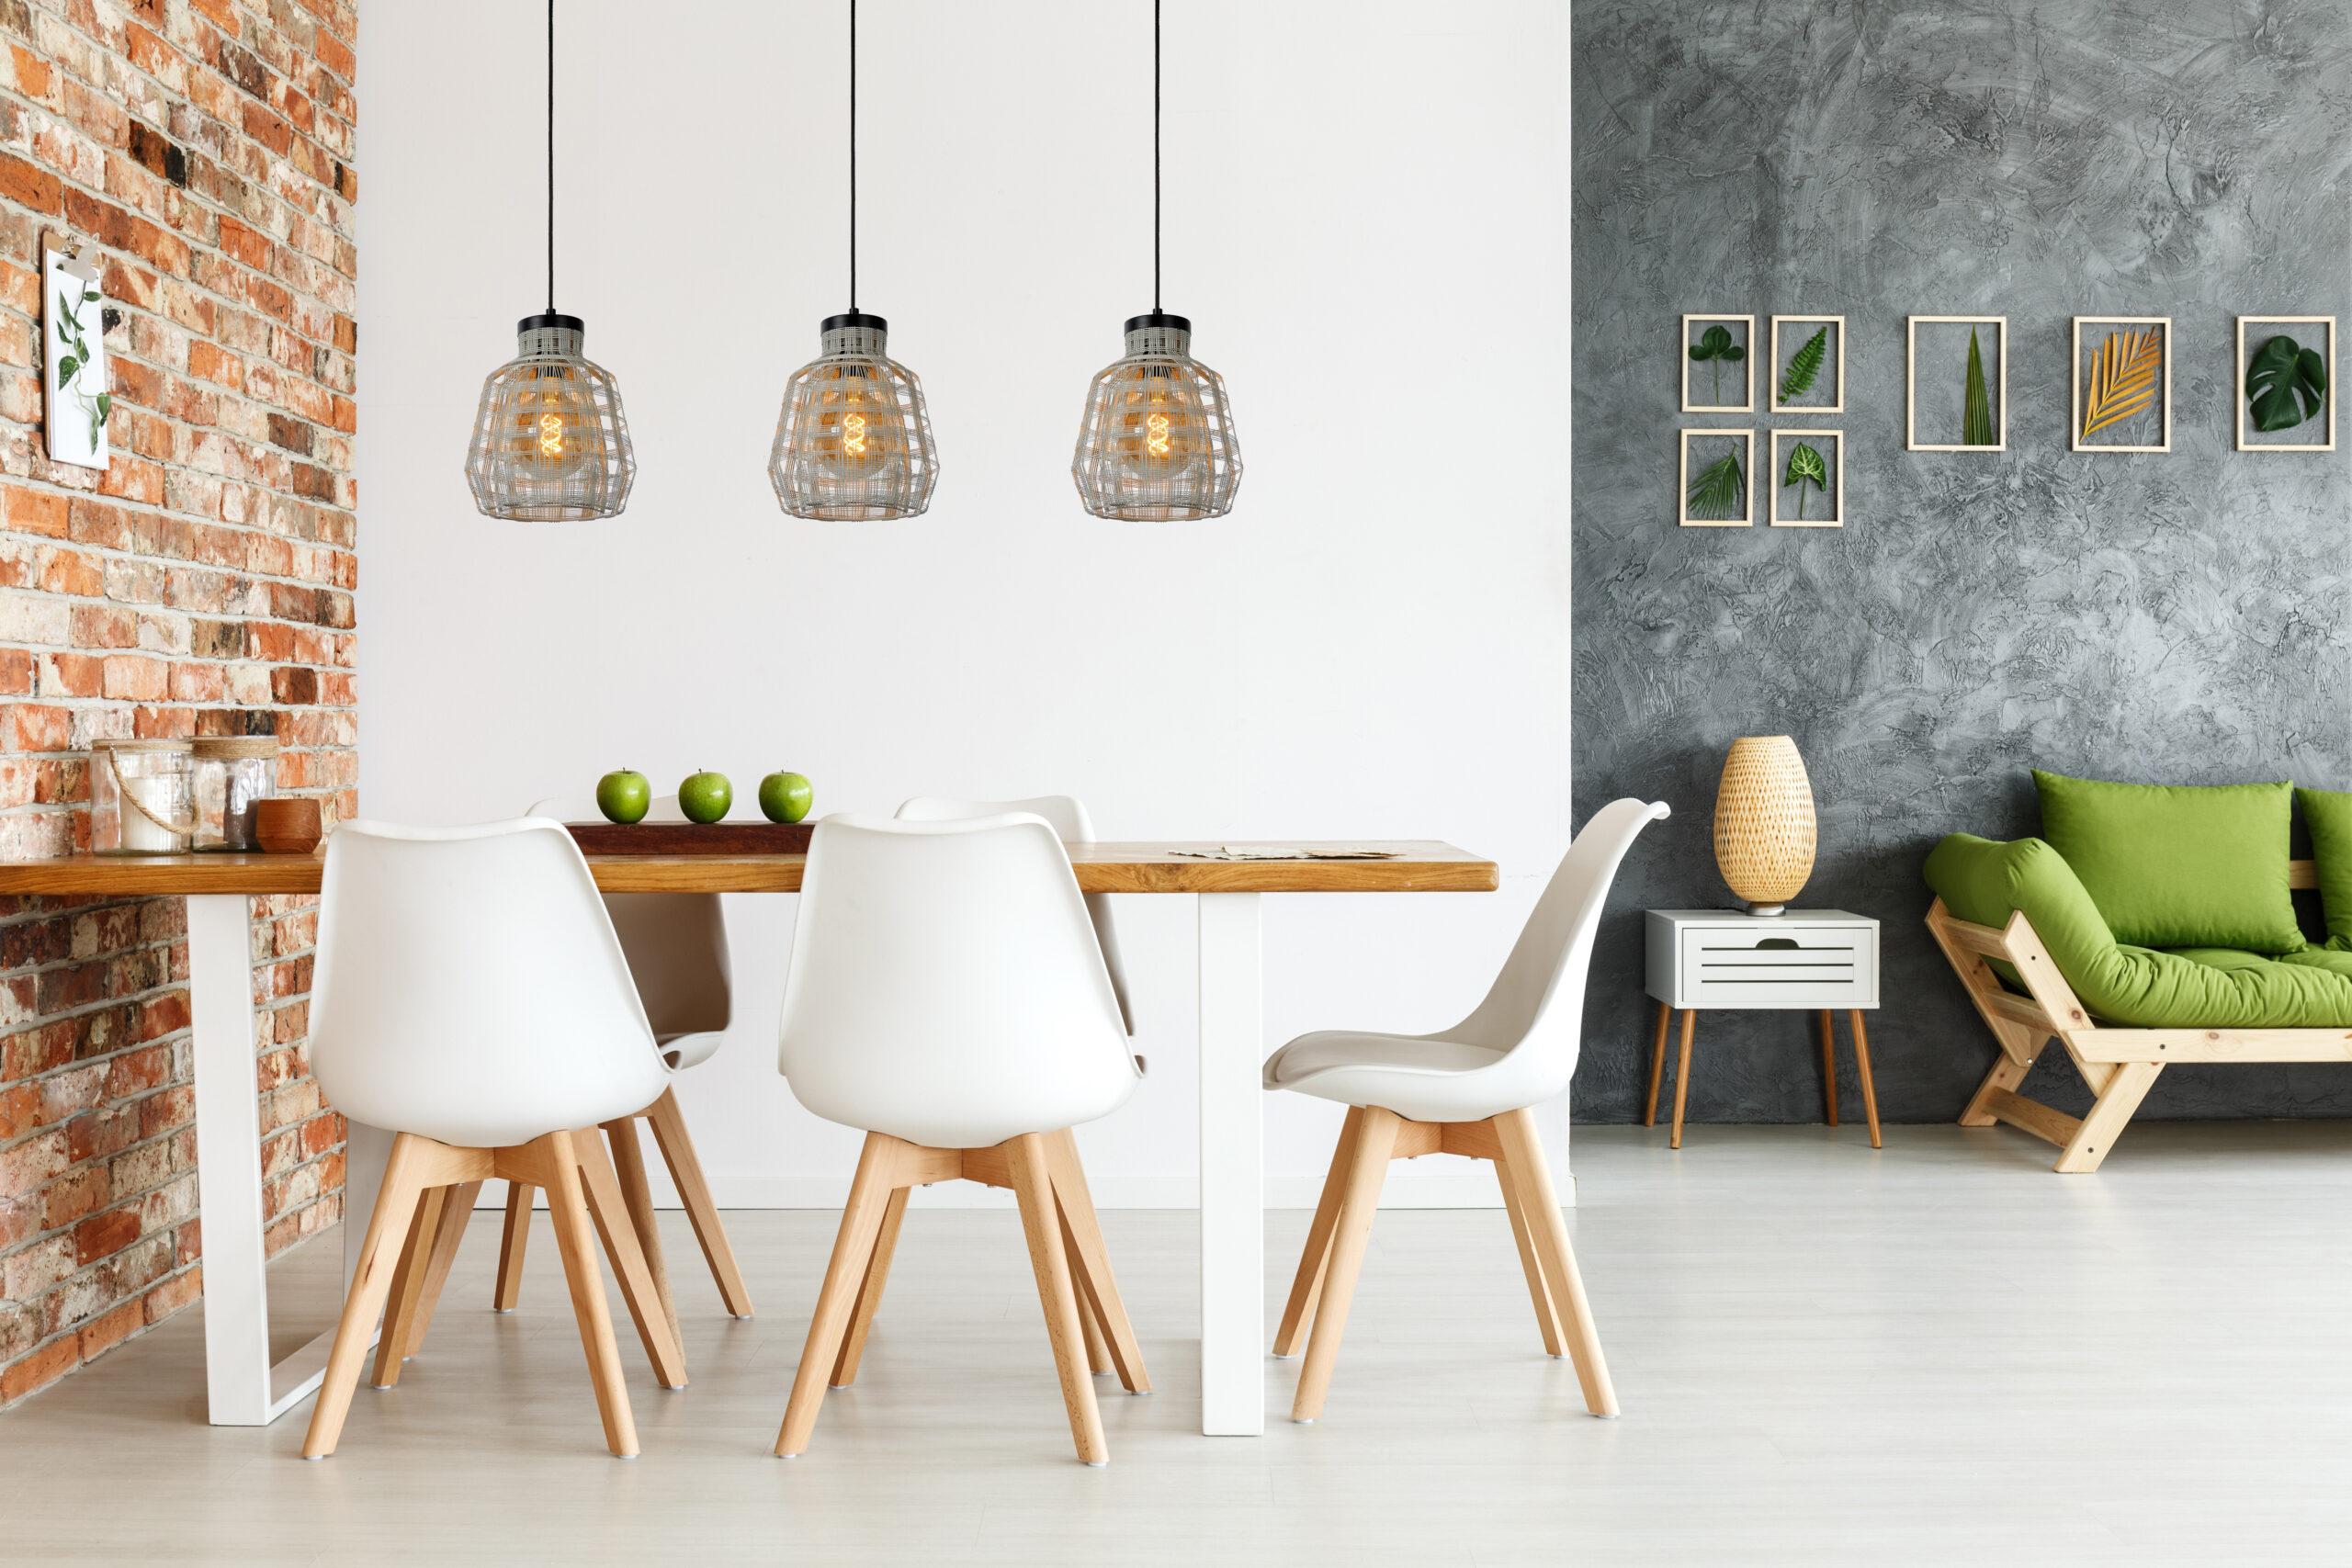 Full Size of Lampe über Kochinsel Fiona Pendelleuchten E27 Grau Lampen Esstisch Küche Mit Schlafzimmer Wandlampe Bad Stehlampen Wohnzimmer Deckenlampe Sofa überzug Wohnzimmer Lampe über Kochinsel